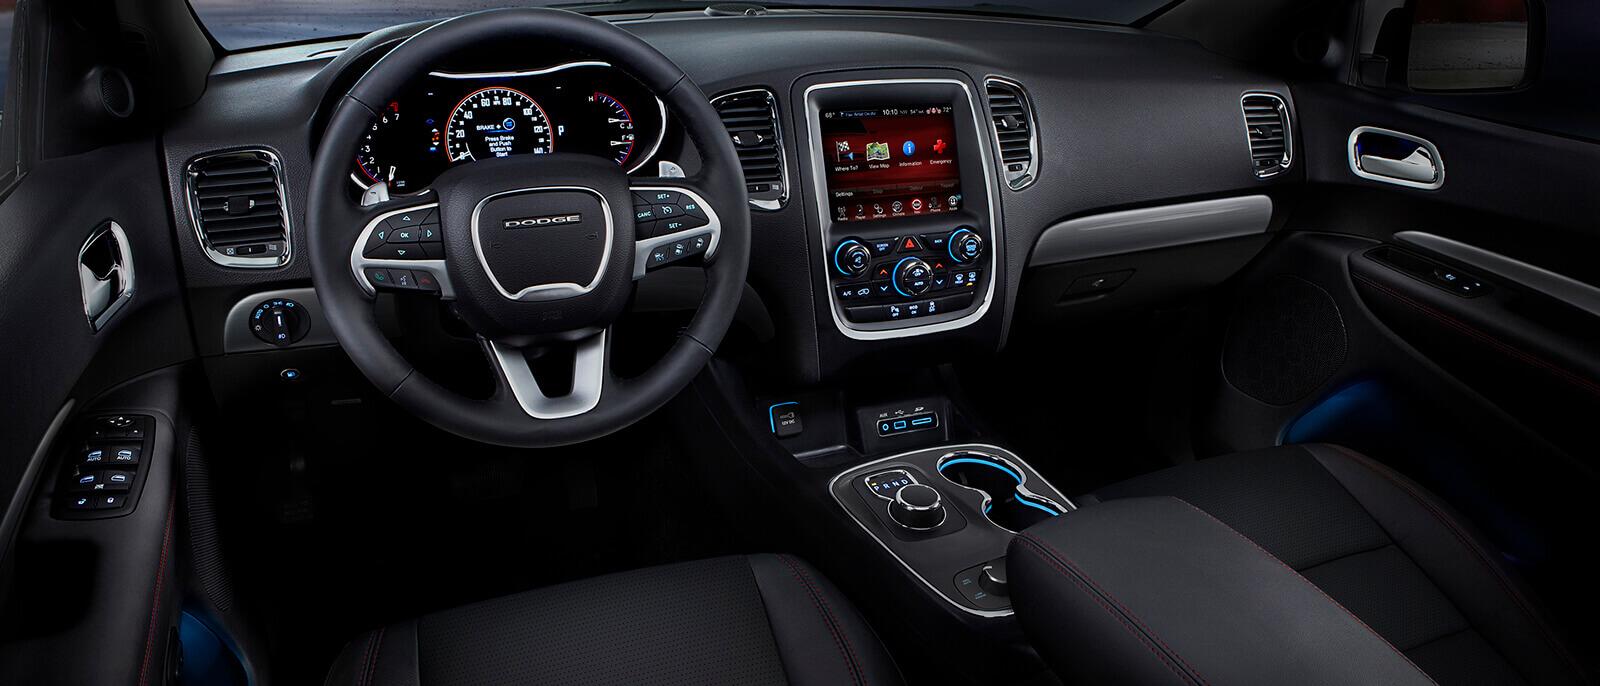 2017 Dodge Durango Dash